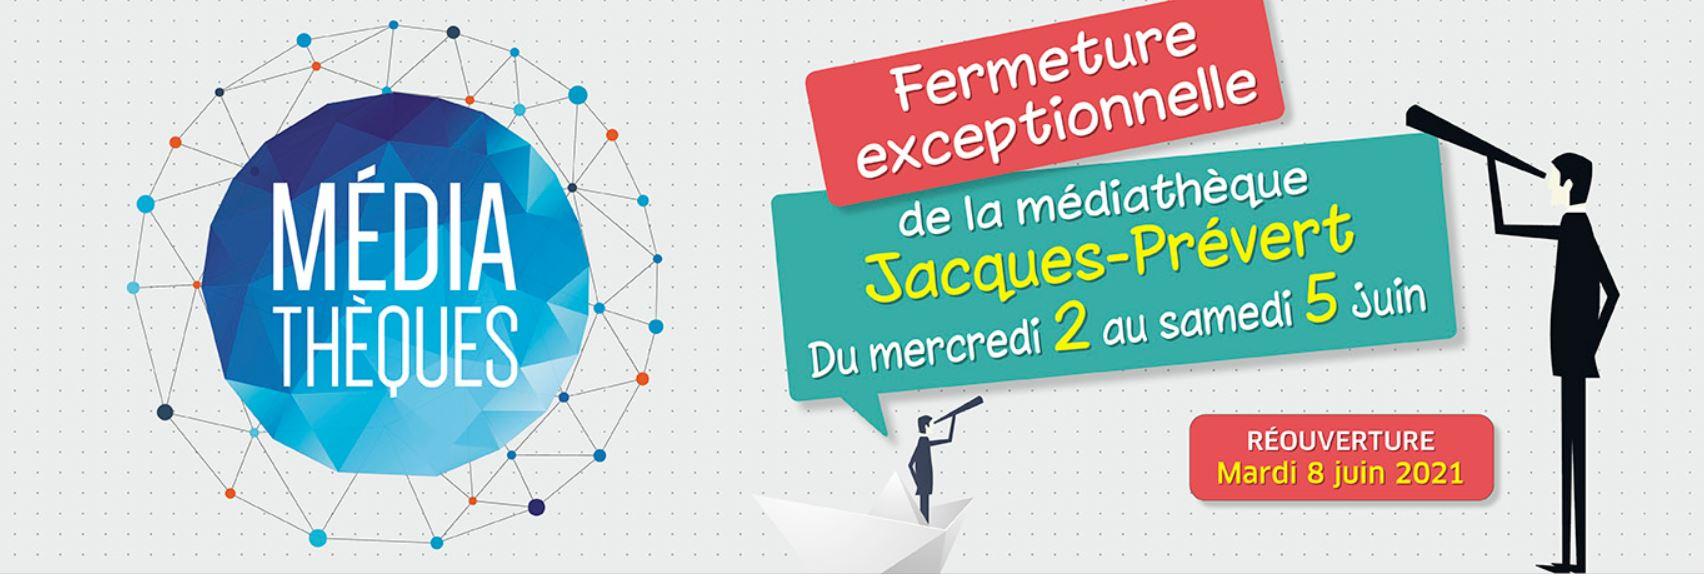 Médiathèque - Fermeture exceptionnelle du 2 au 5 juin